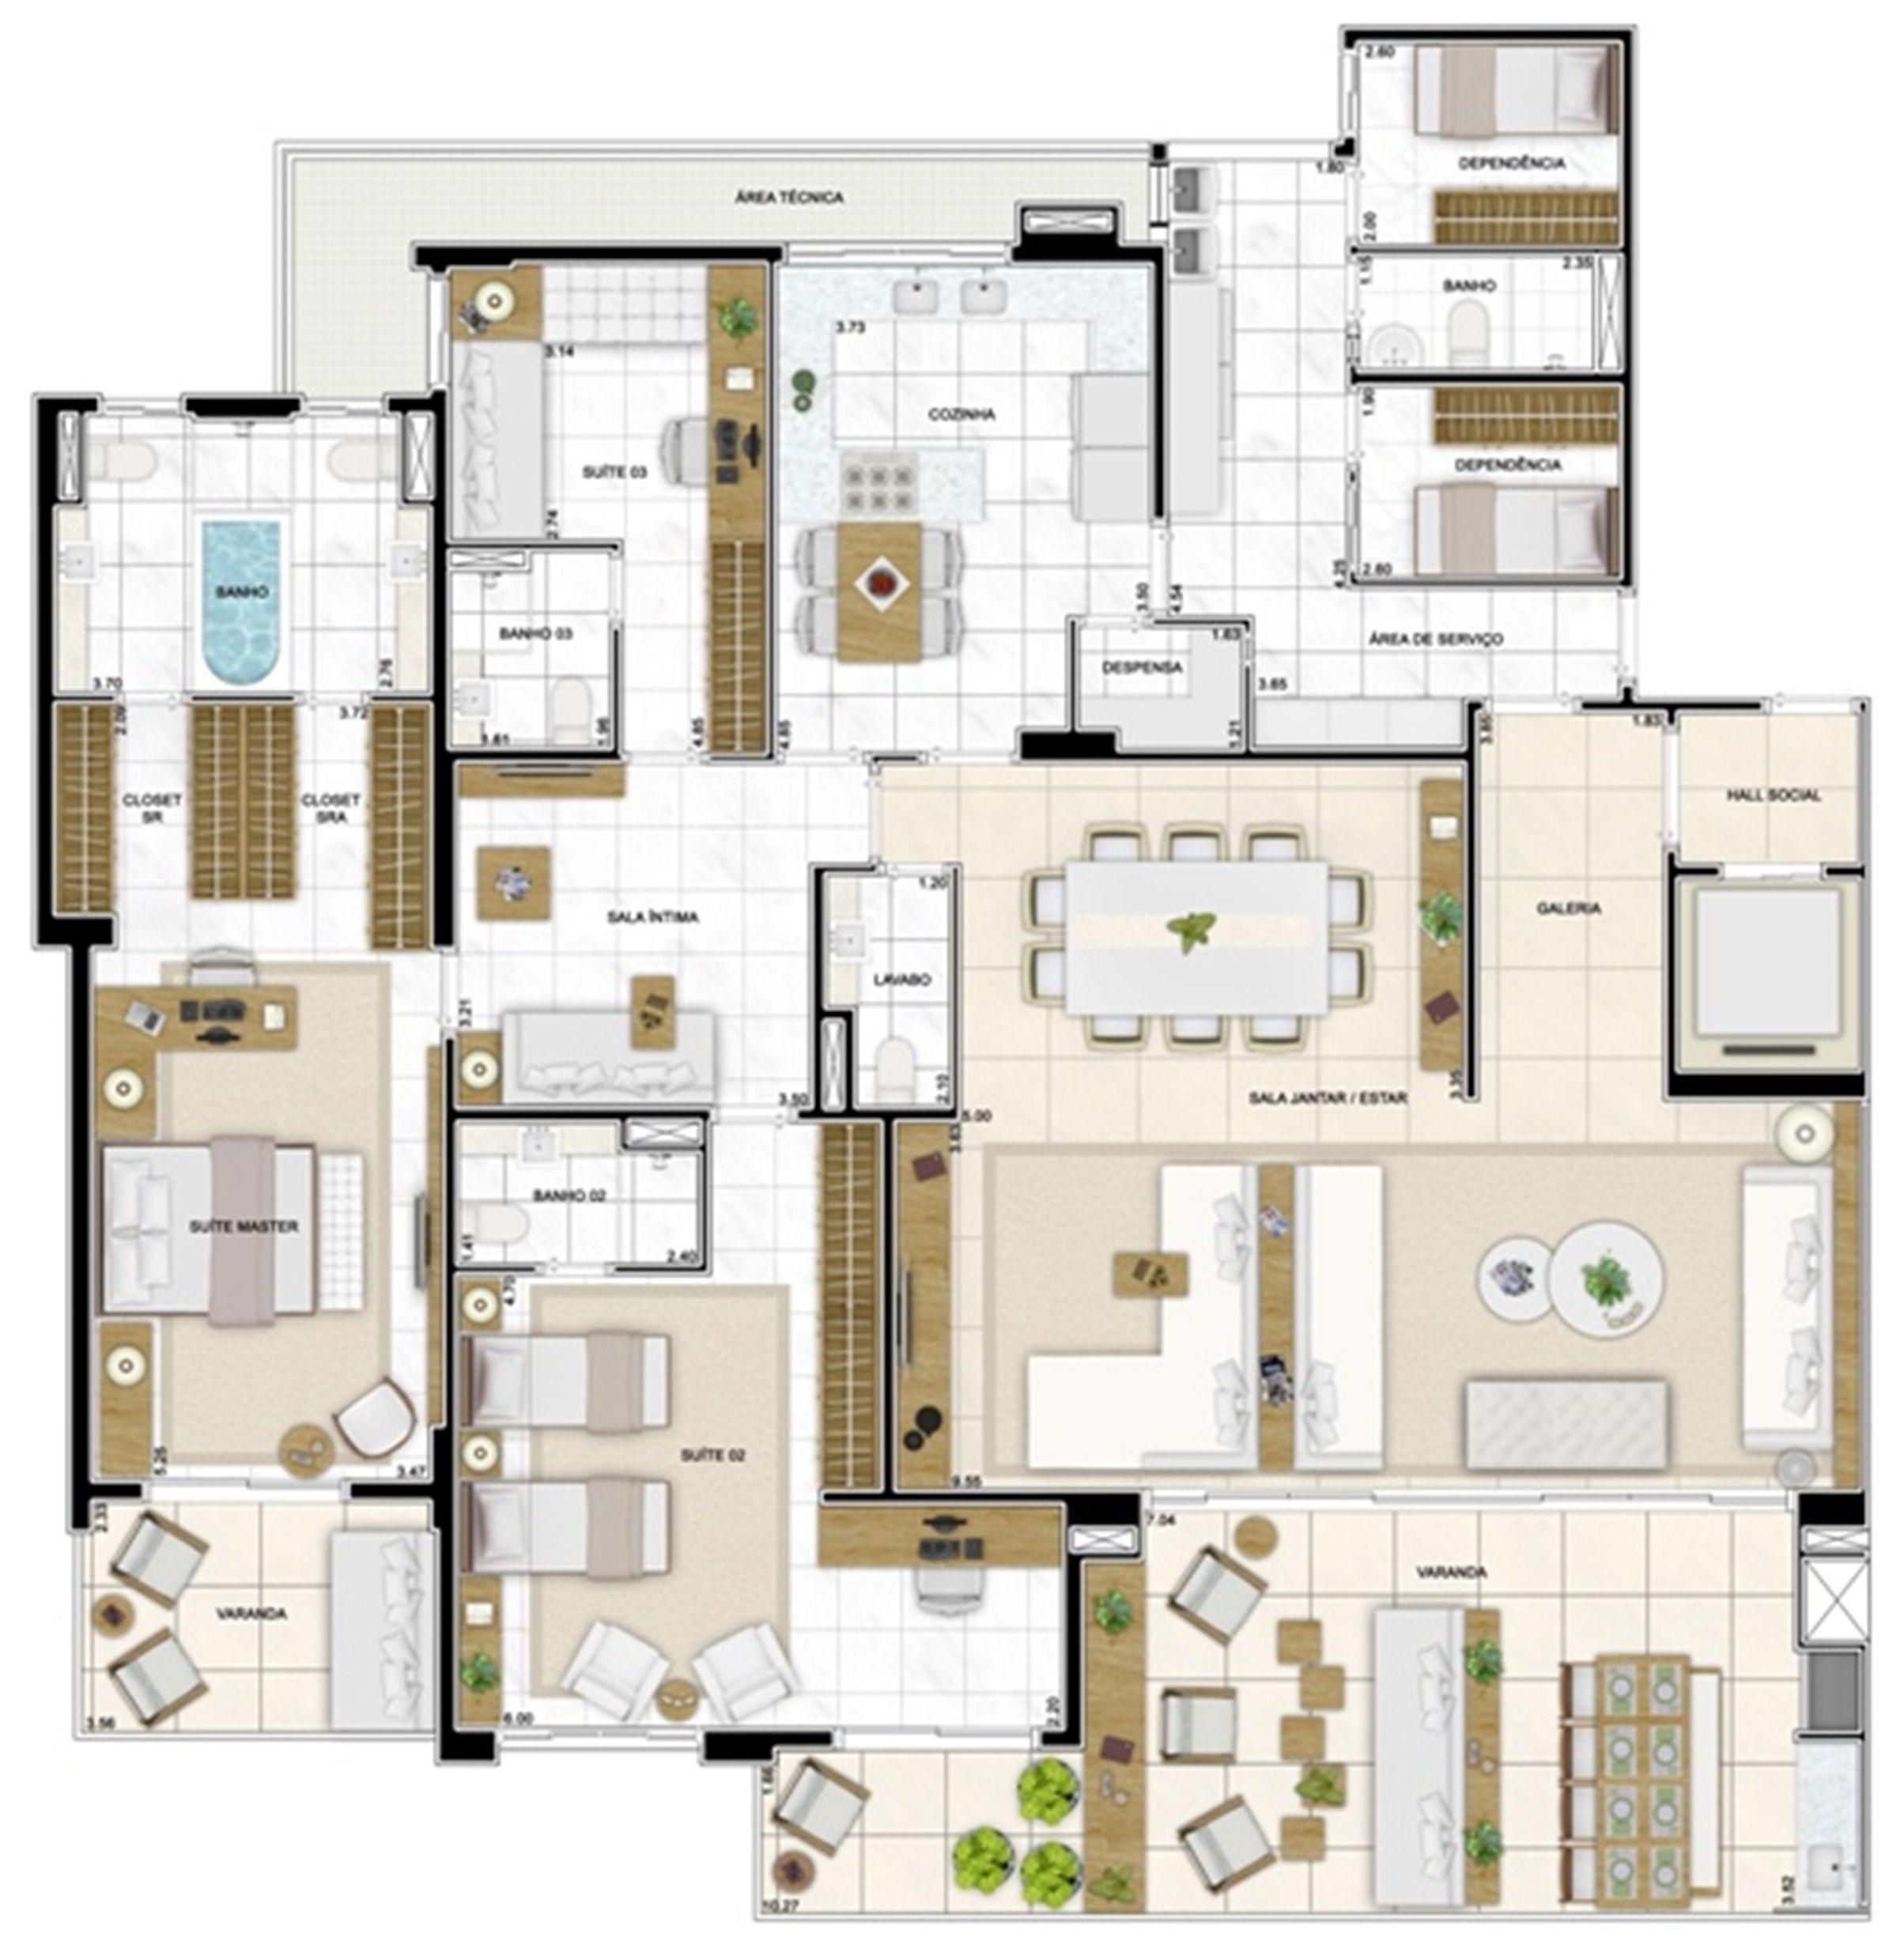 Planta Opção 282 m² Ampliada (3 Suítes) | Infinity Areia Preta – Apartamento na  Areia Preta - Natal - Rio Grande do Norte